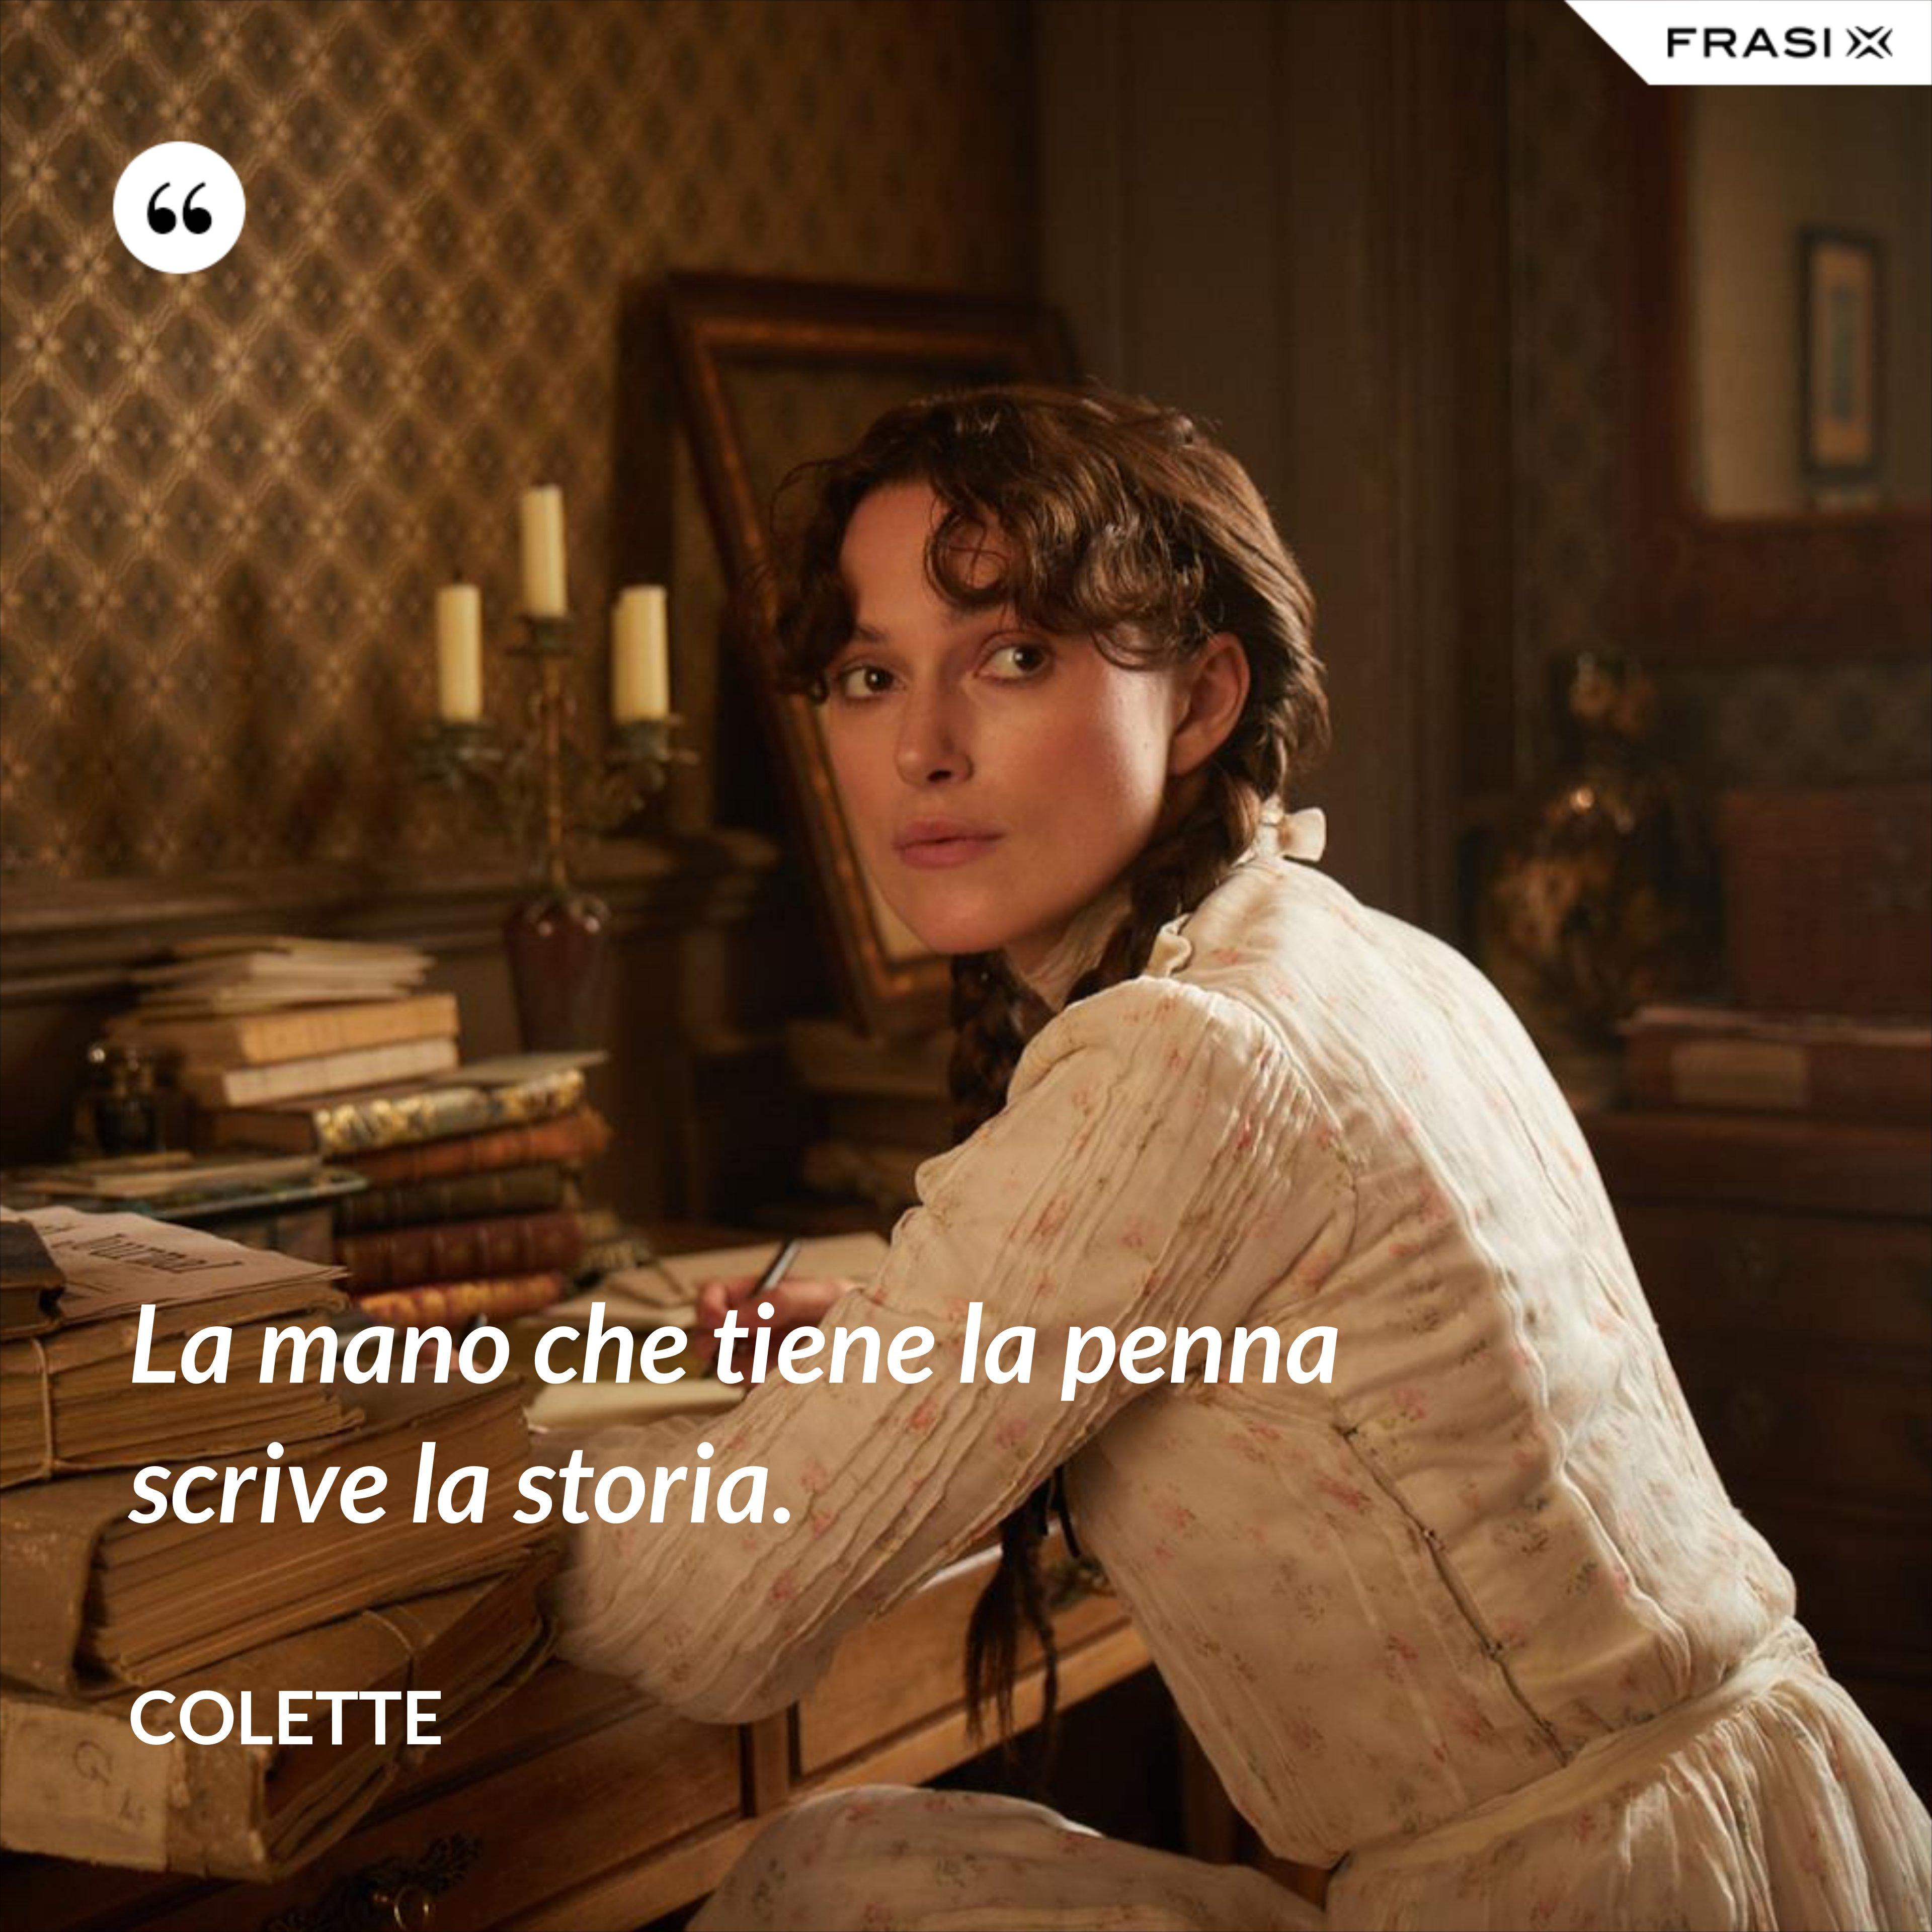 La mano che tiene la penna scrive la storia. - Colette